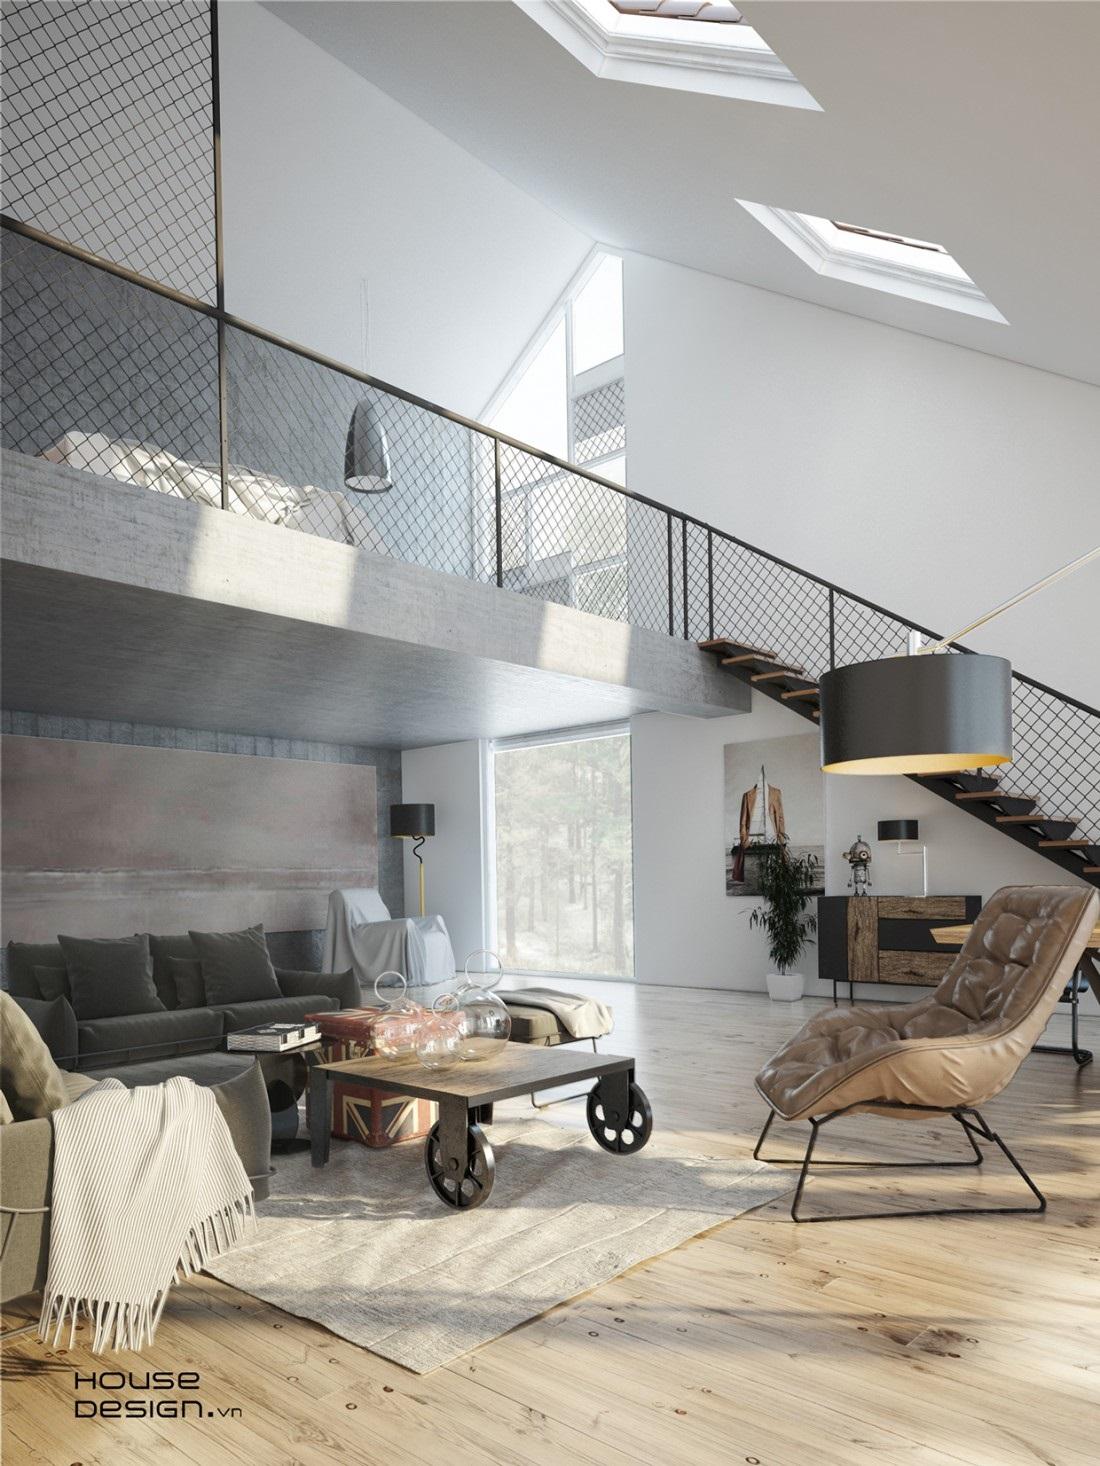 cầu thang phòng khách nhà ống - Housedesign